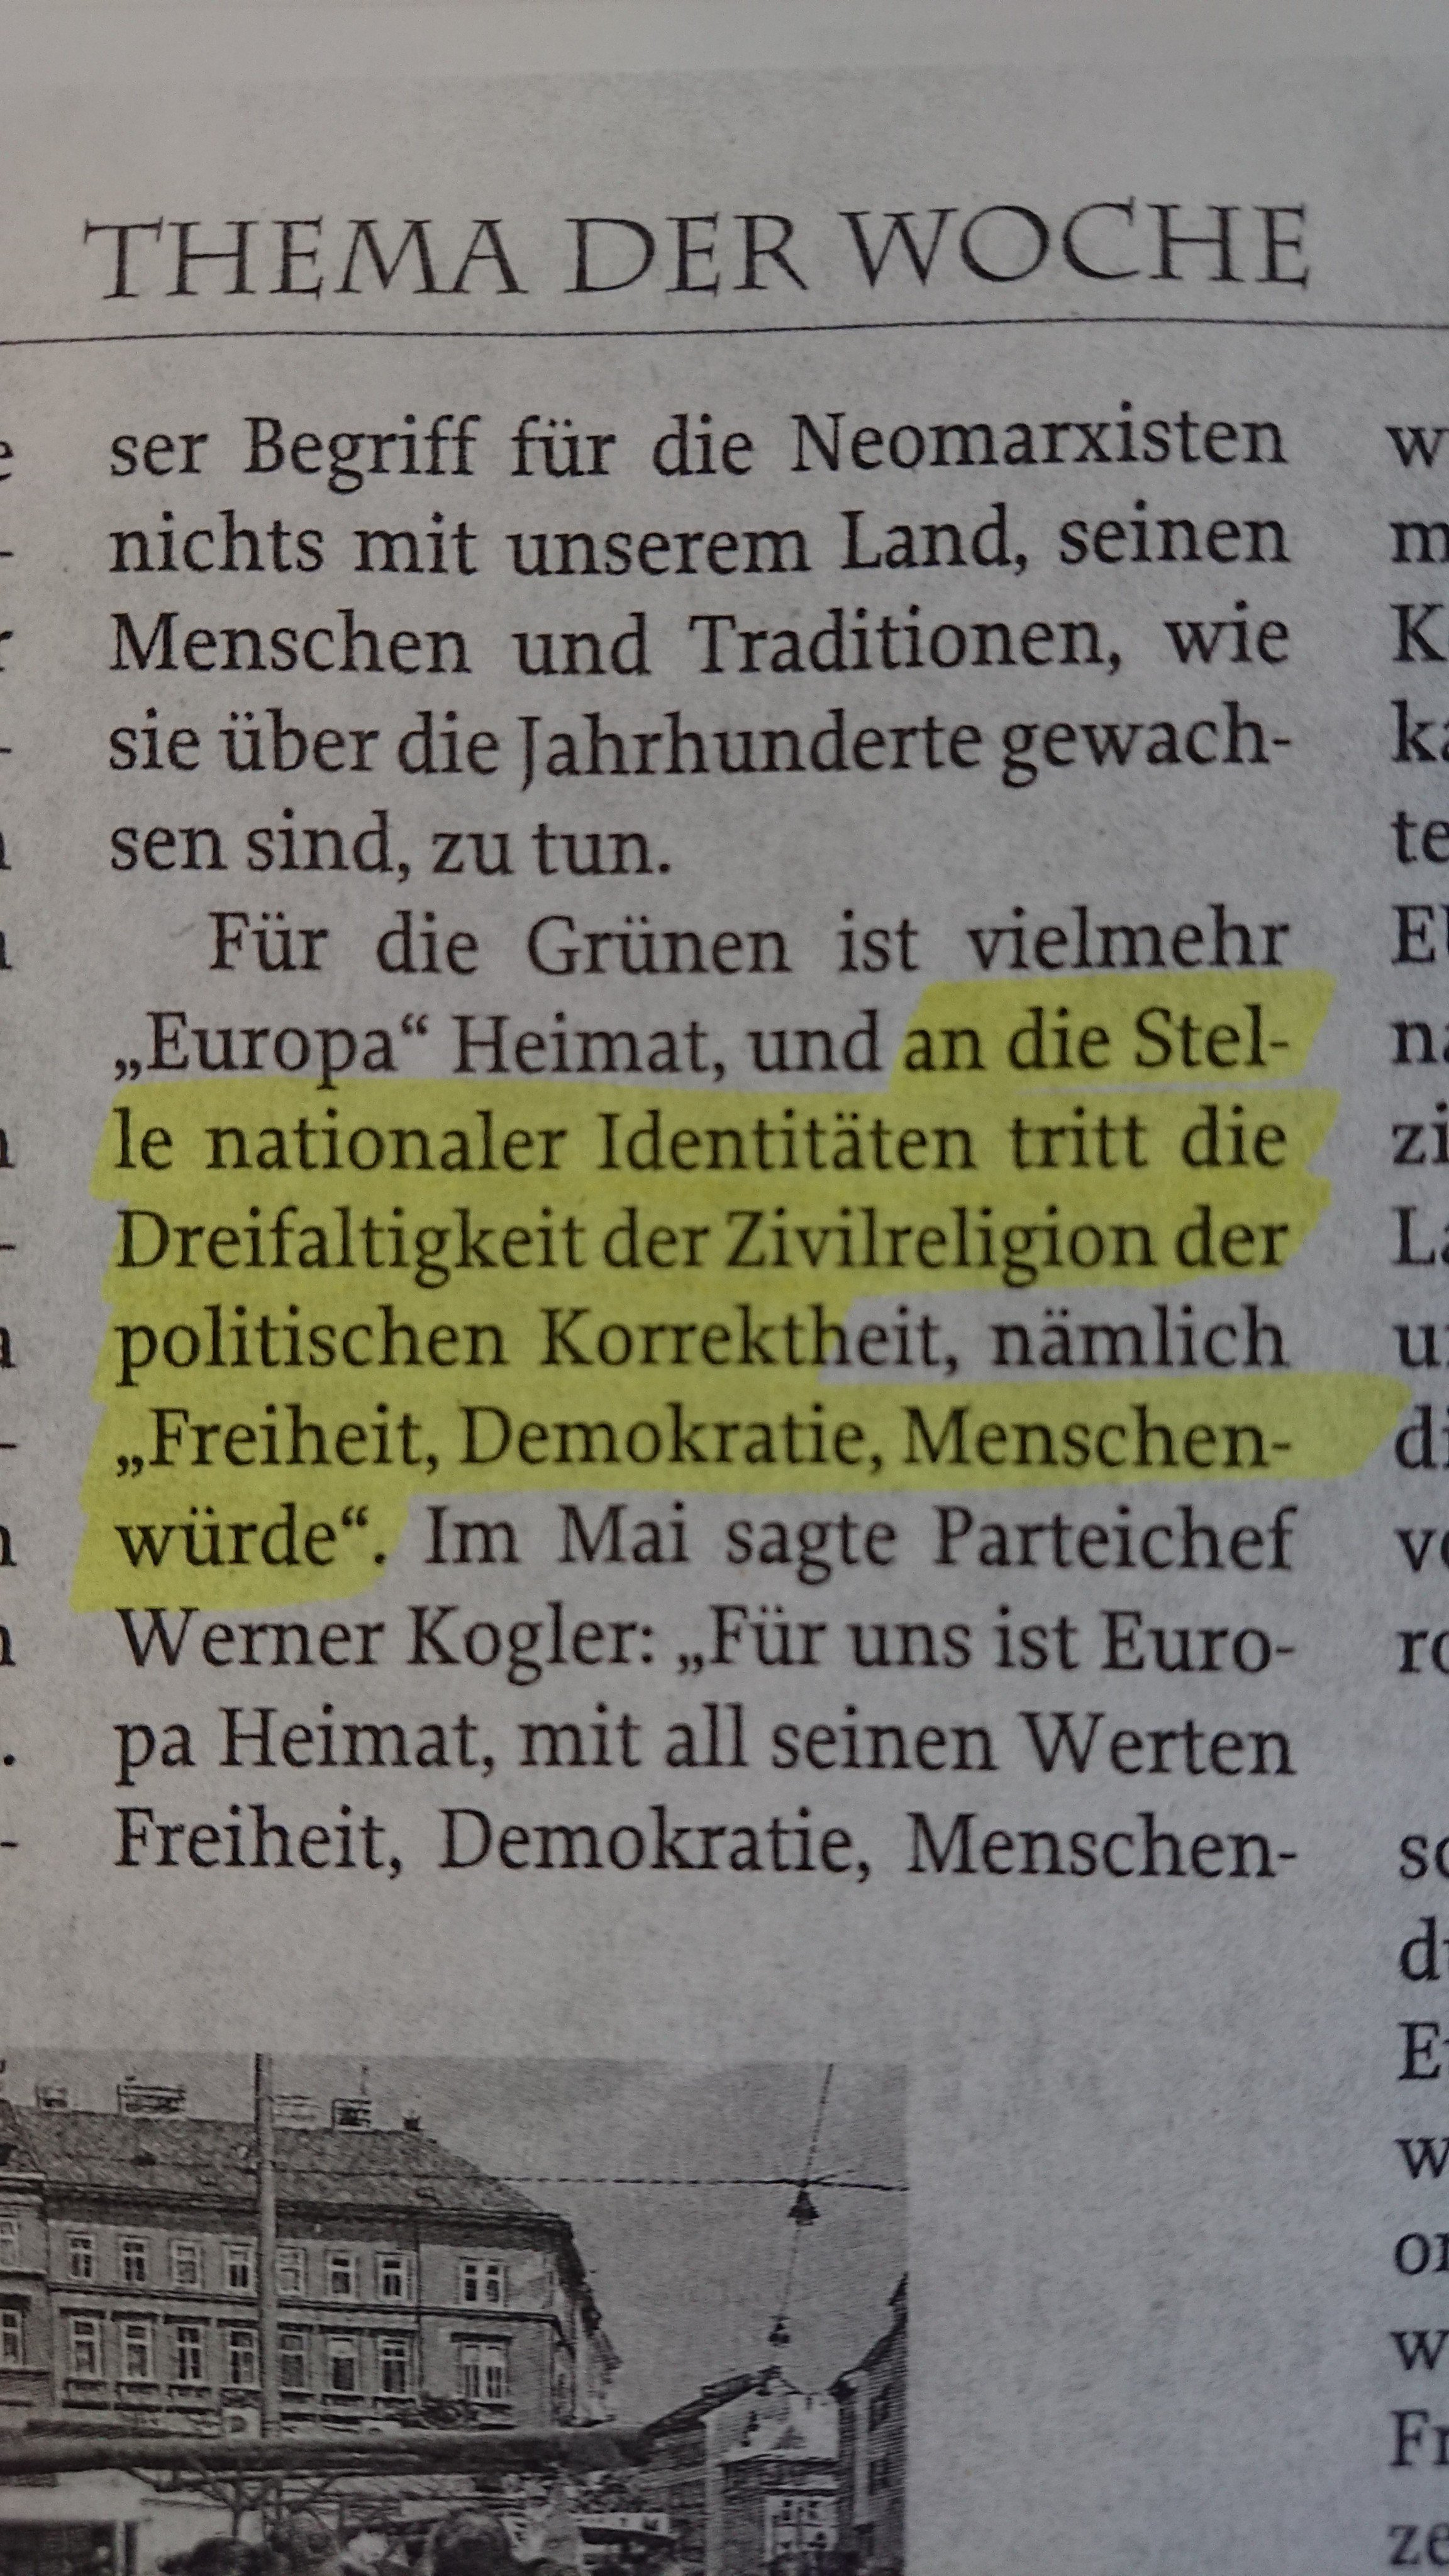 """Zur Zeit: """"die Dreifaltigkeit der Zivilreligion der politischen Korrektheit, nämlich 'Freiheit, Demokratie, Menschenwürde'"""""""